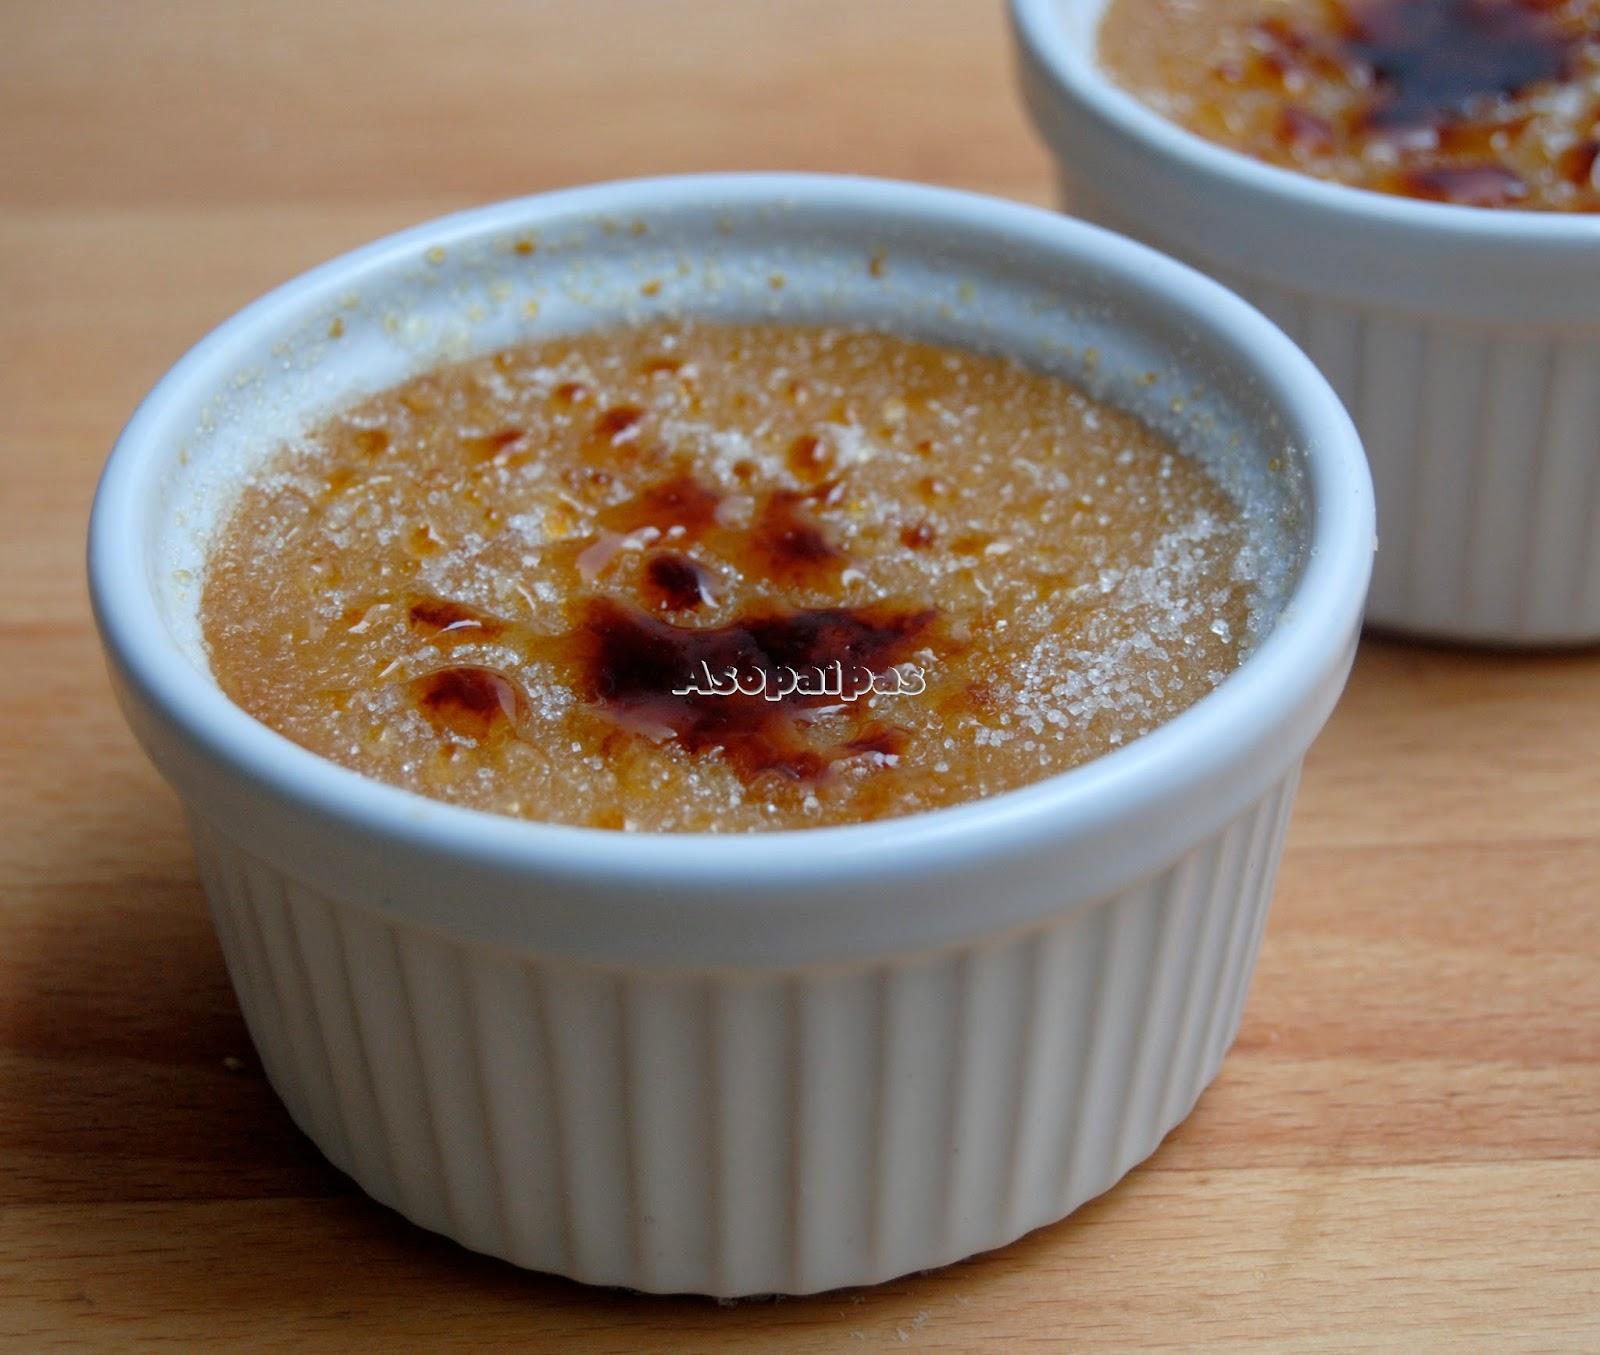 Crème Brûlée de Sirope de Arce (Maple Crème Brûlée)